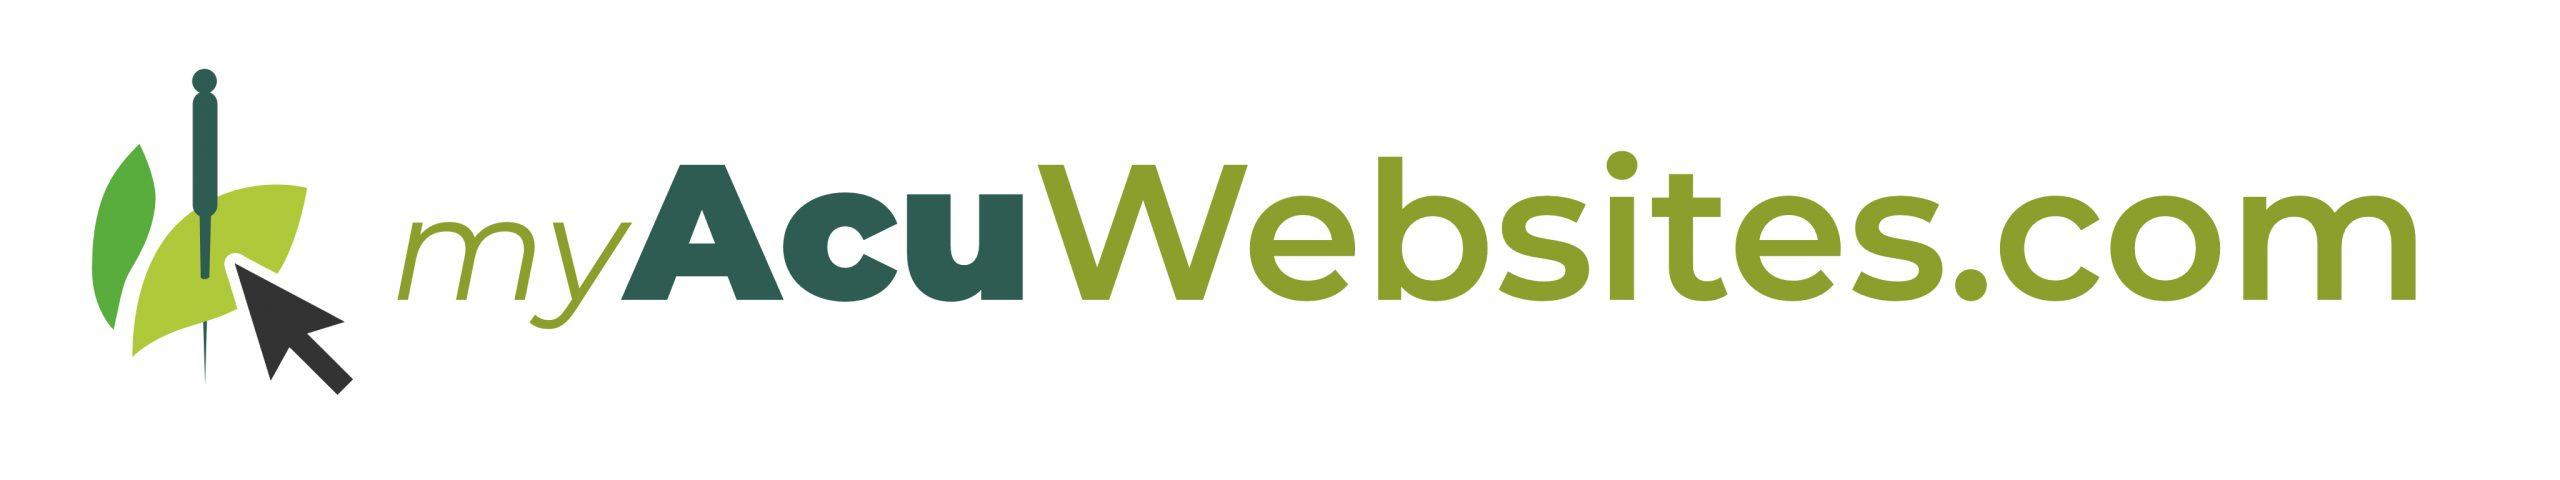 Acupuncture Websites